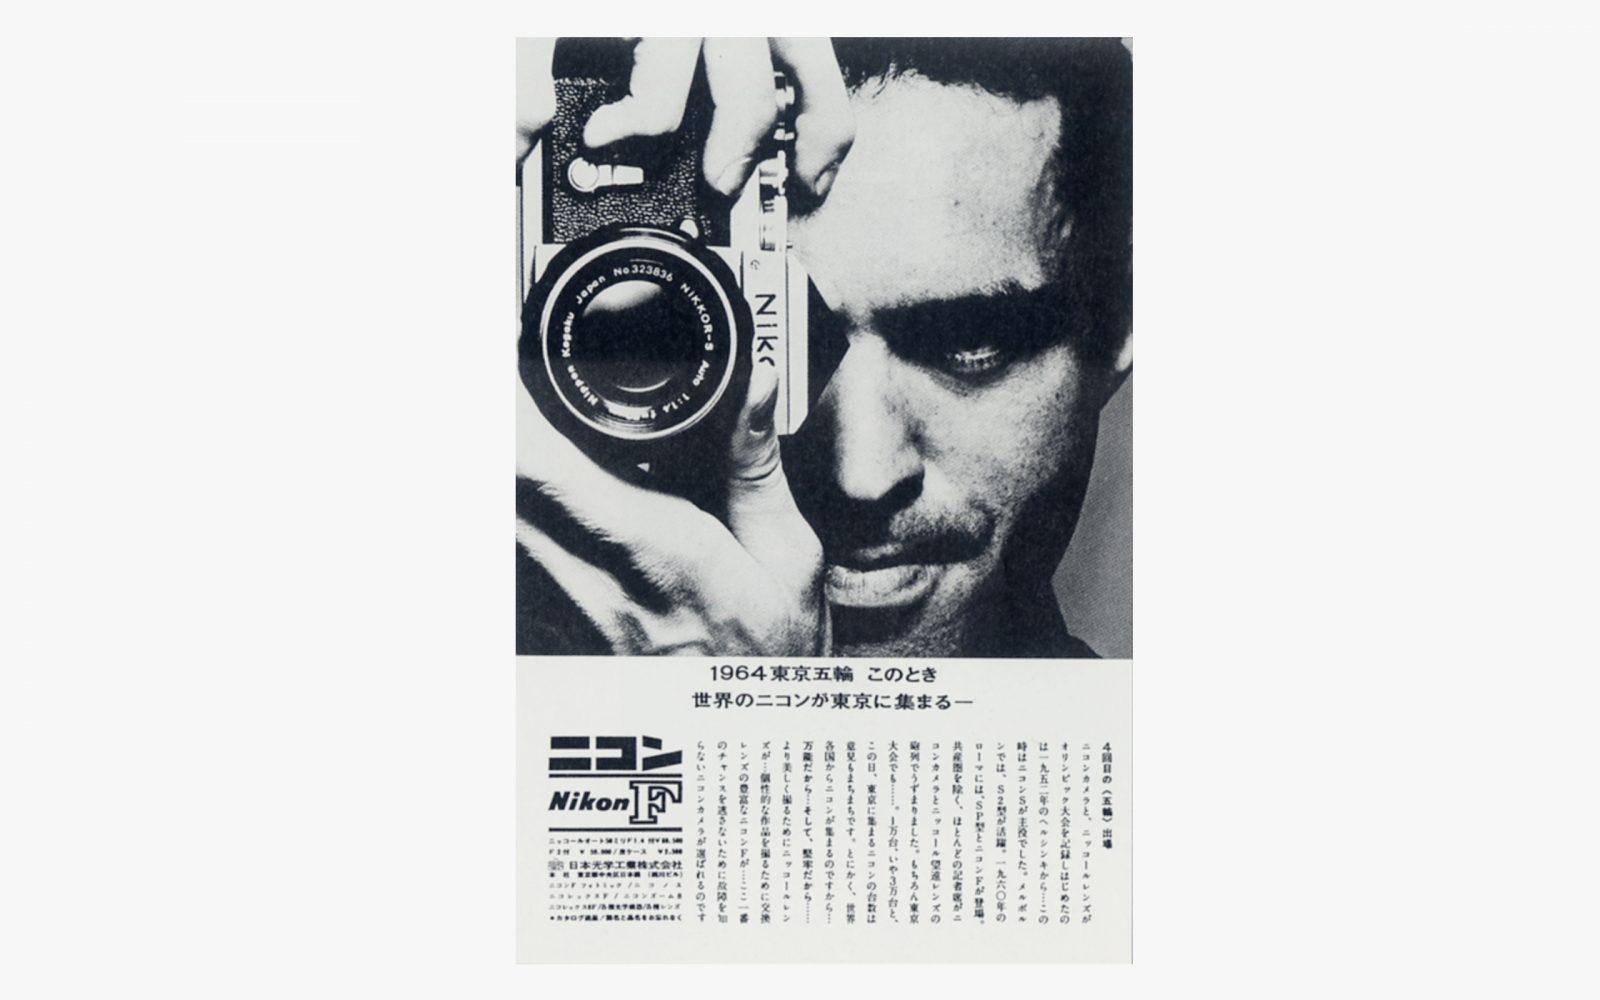 Nikon F ad